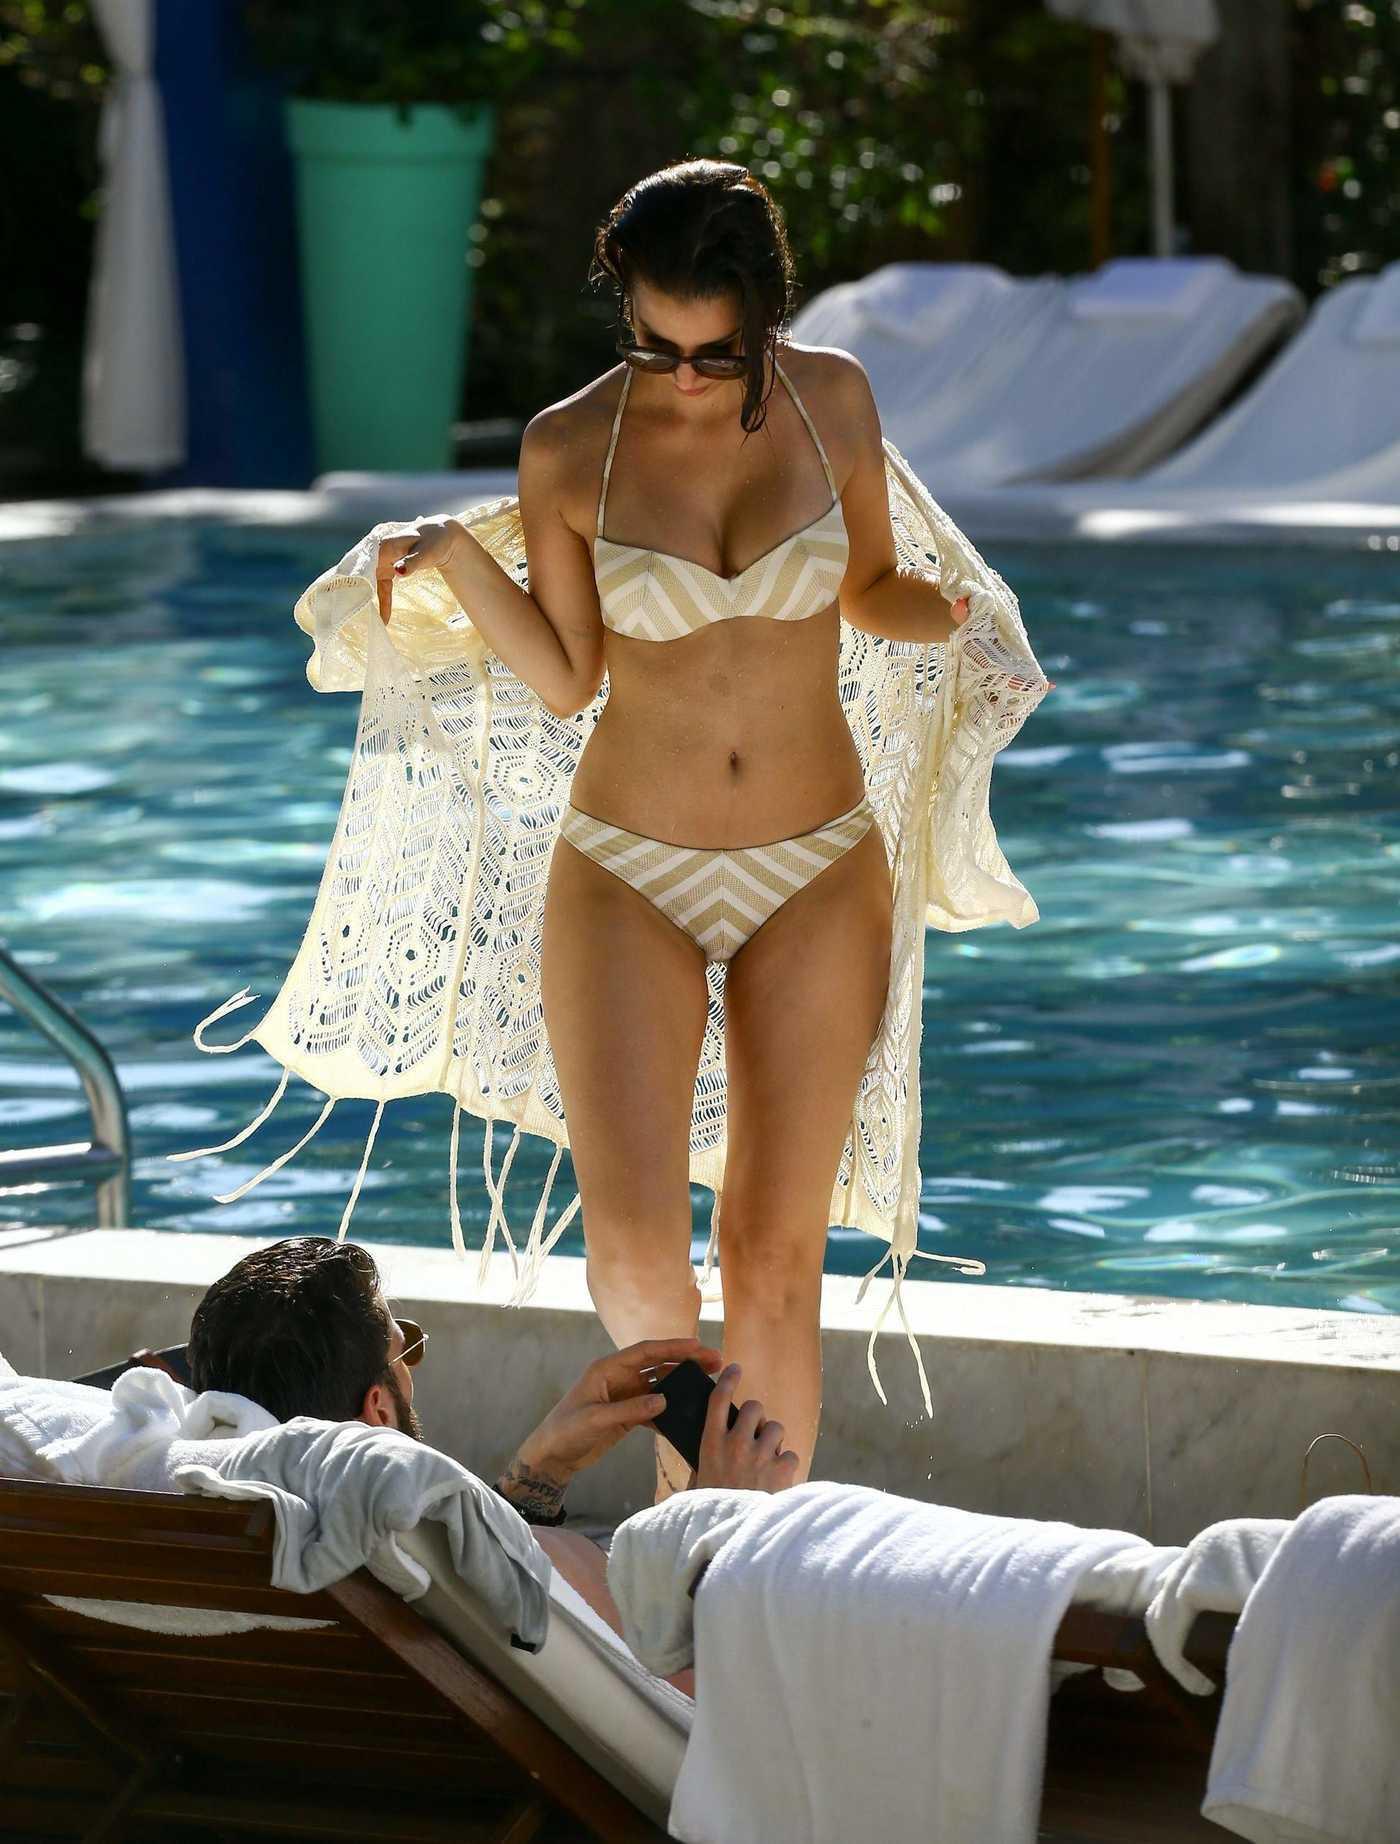 Sila Sahin in Bikini by a Poolside in Miami 12/30/2016